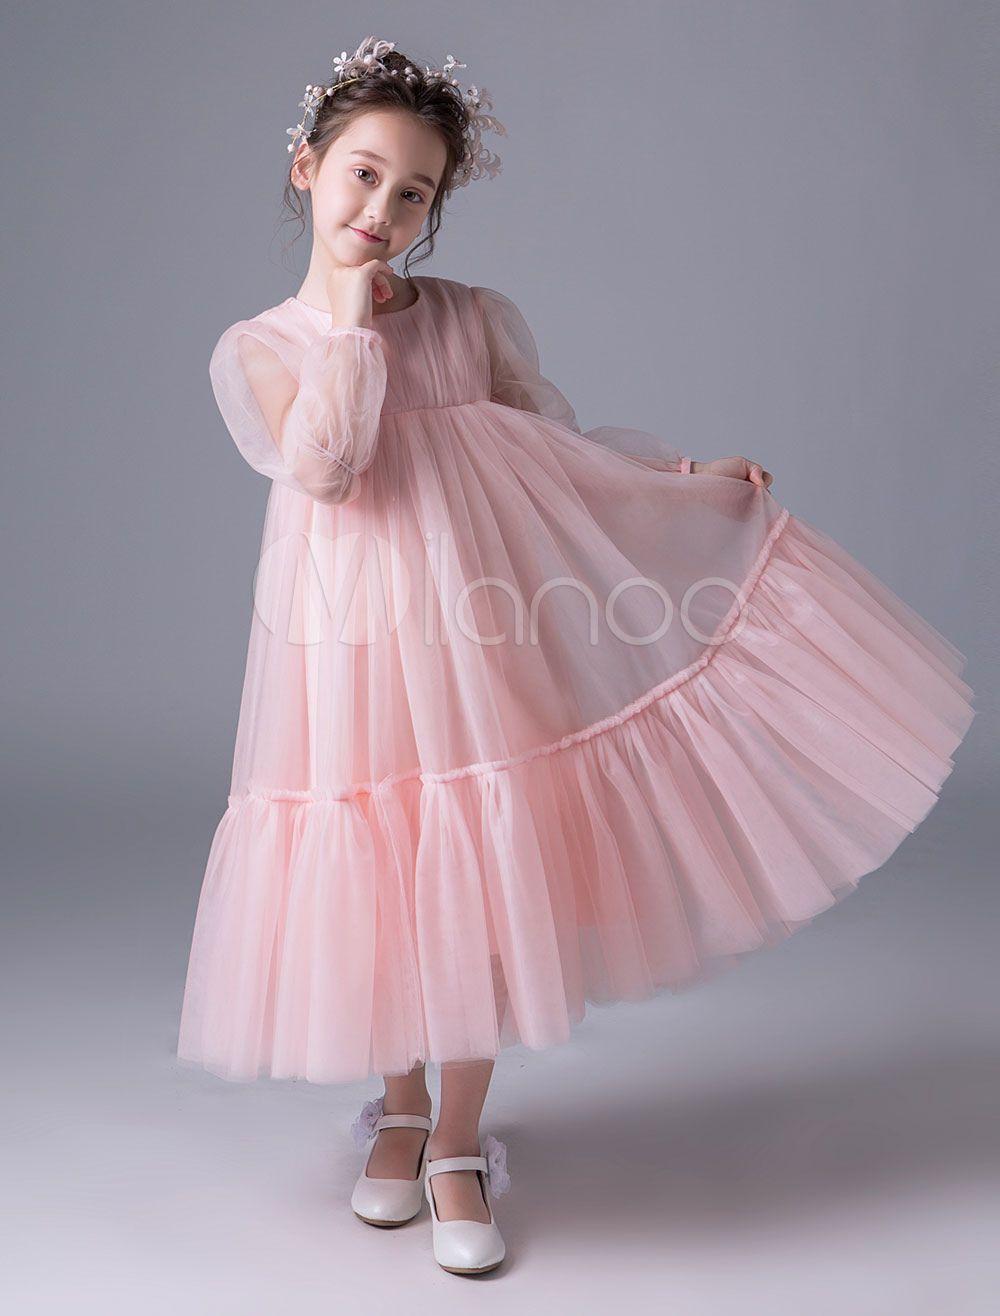 14cf0e0e292 Pink Flower Girl Dresses Boho Long Sleeve Empire Waist Princess Dress Kids  Tea Length Party Dresses - Milanoo.com